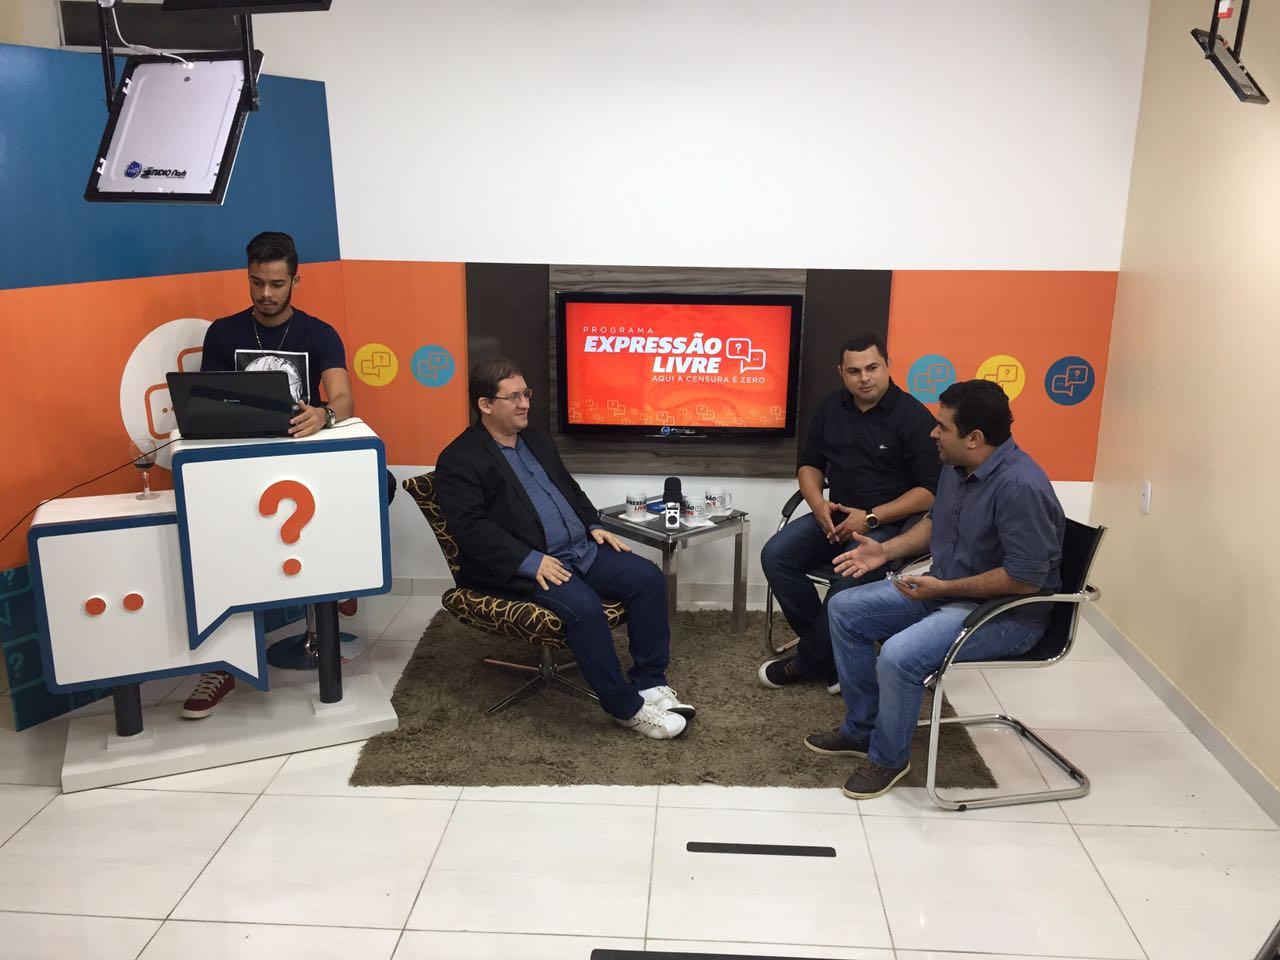 Programa Expressão Livre, com Entrevista de Teixeira Caminhões da Rio FM